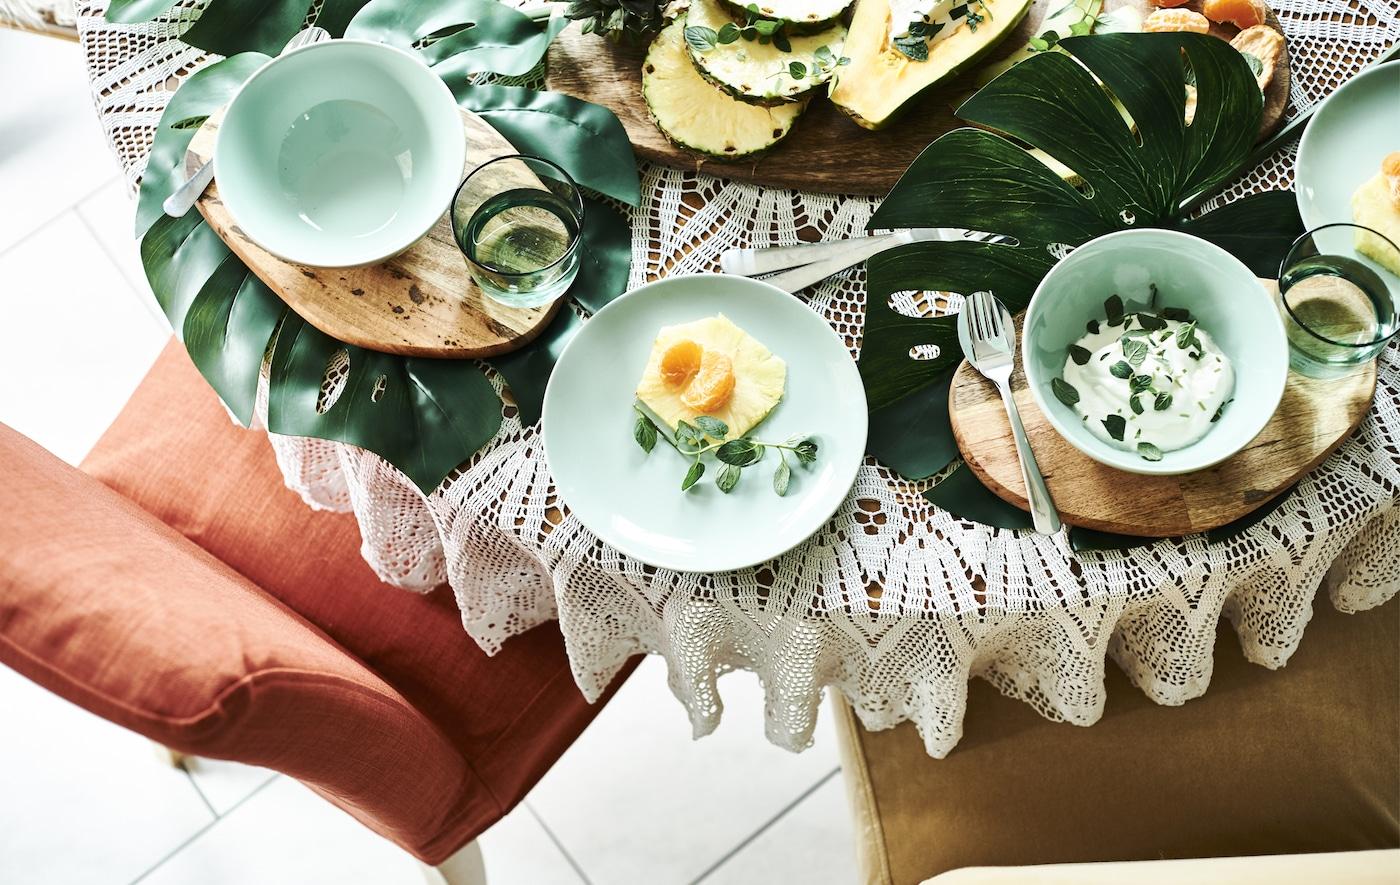 Fruits et yaourts servis sur une table décorée de grandes feuilles, de planches en bois et de vaisselle verte.